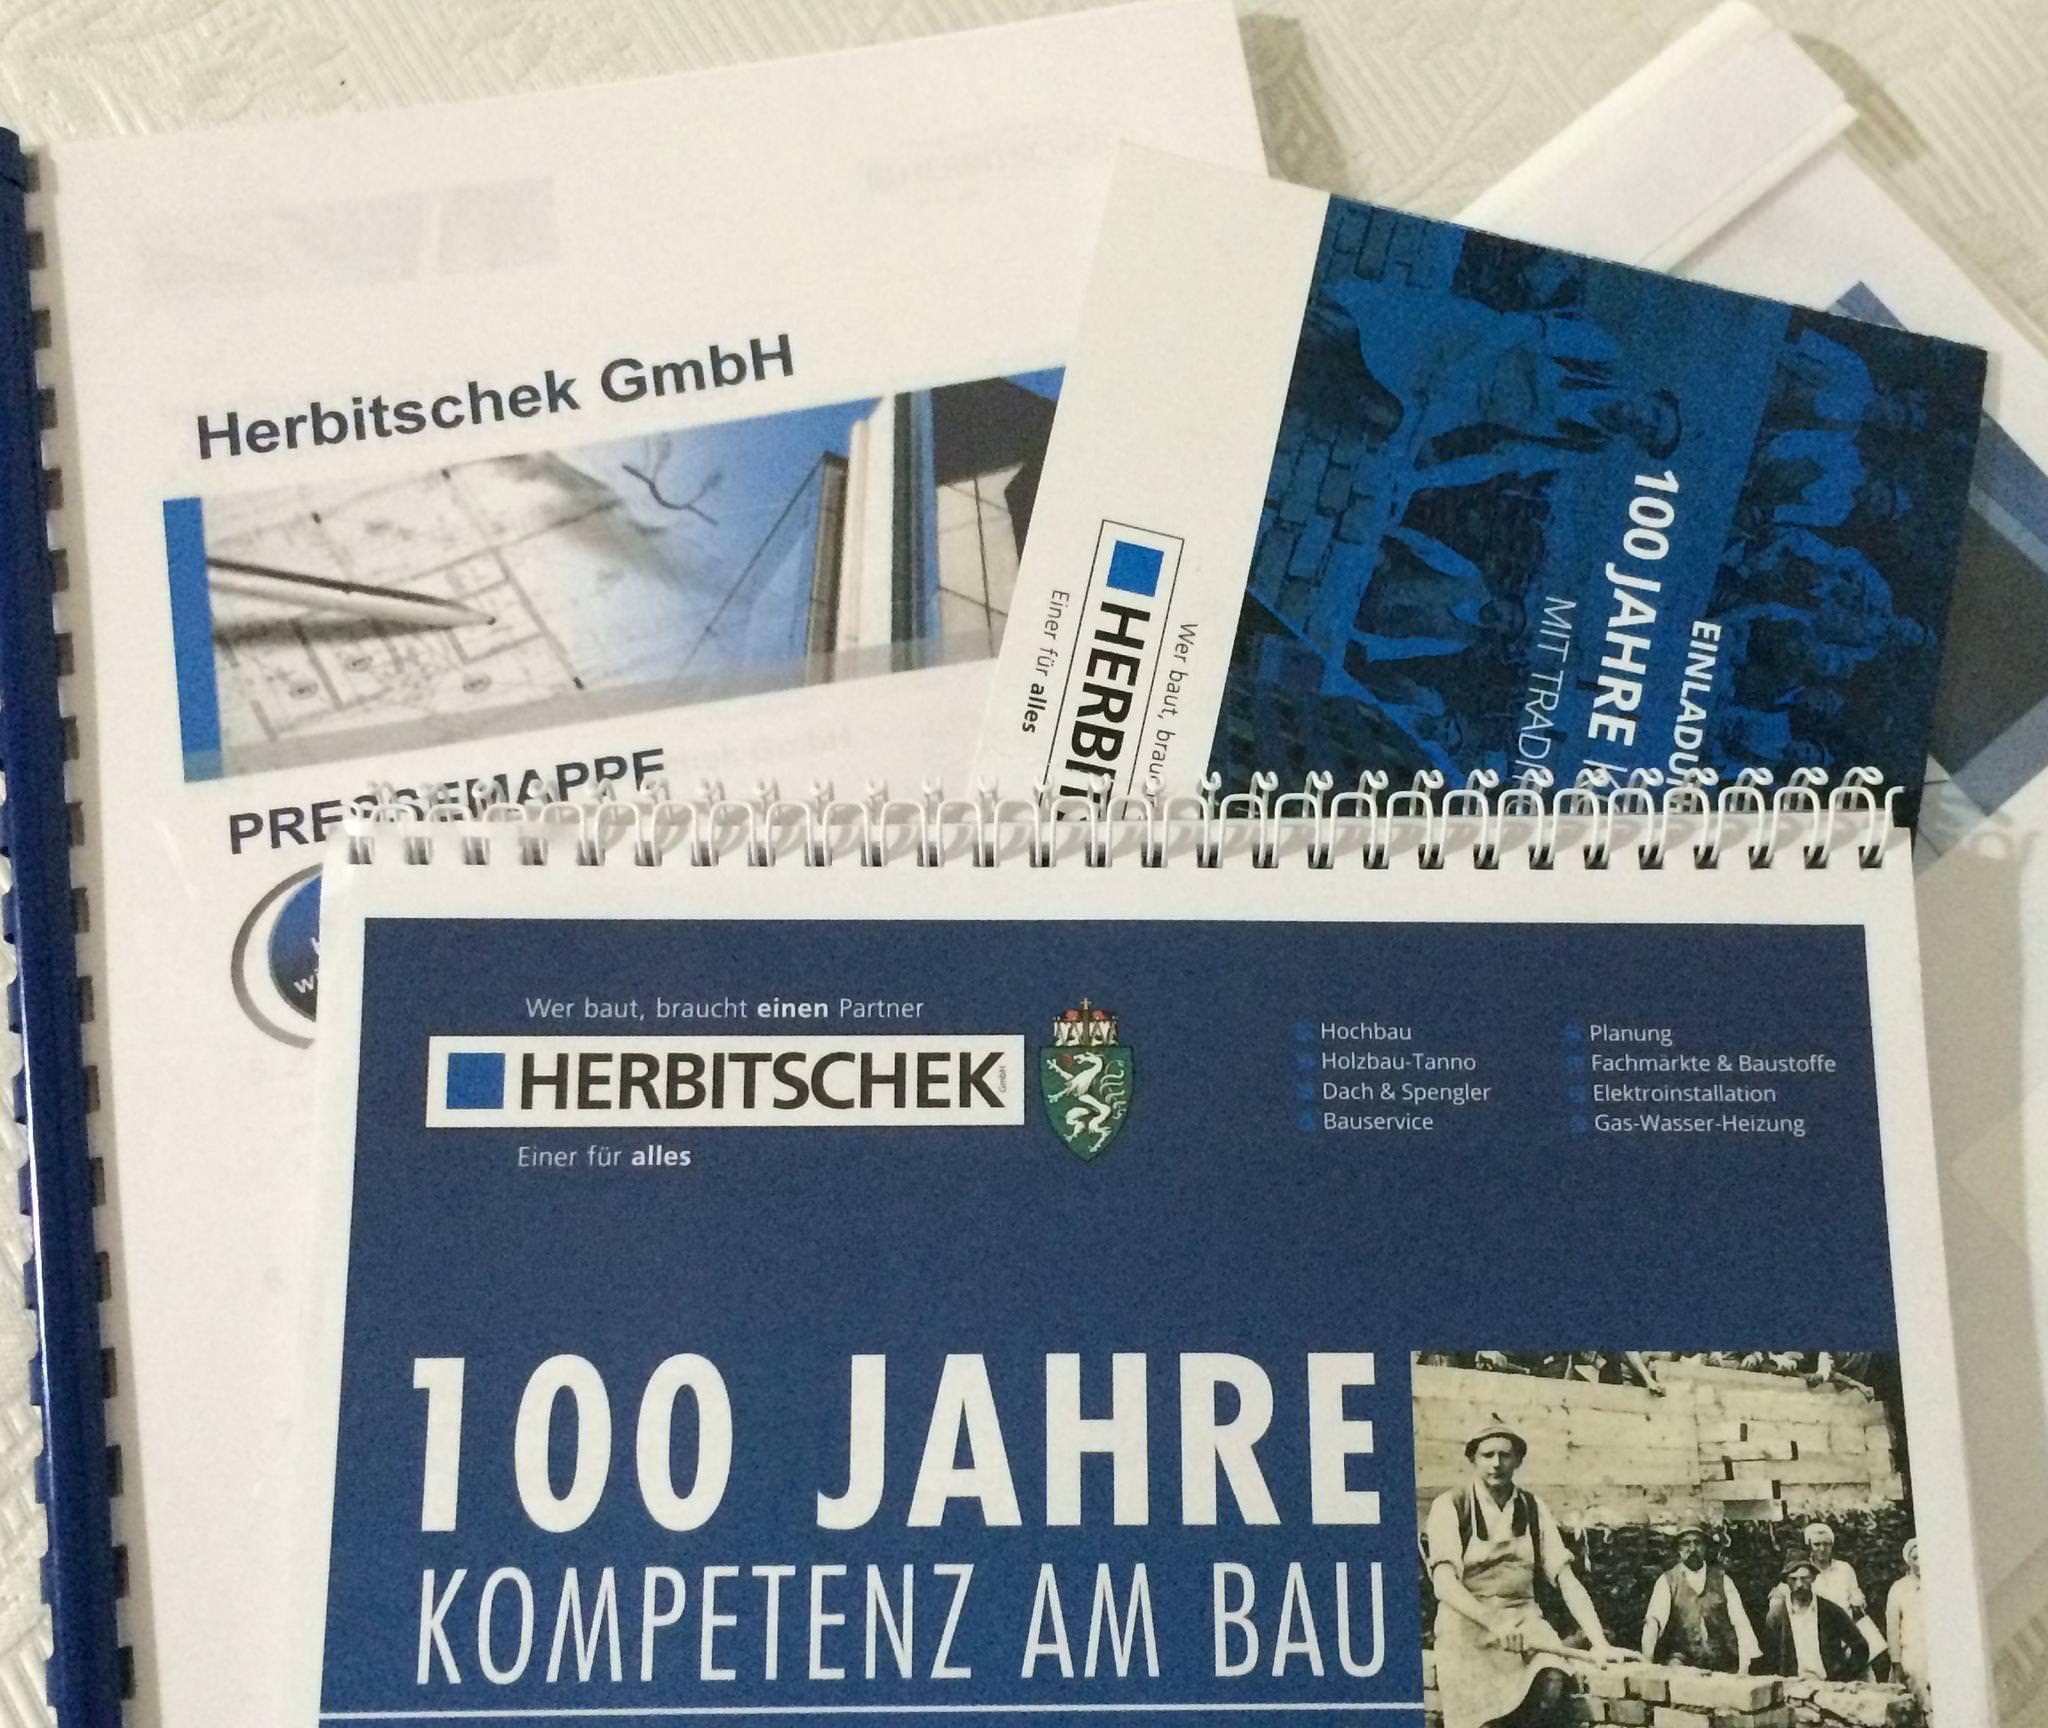 Projektleitung Jubiläum online & offline über ein Jahr,  PR, Marketing, Regieplan Jubiläumsfeier, Reden: Herbitschek GmbH